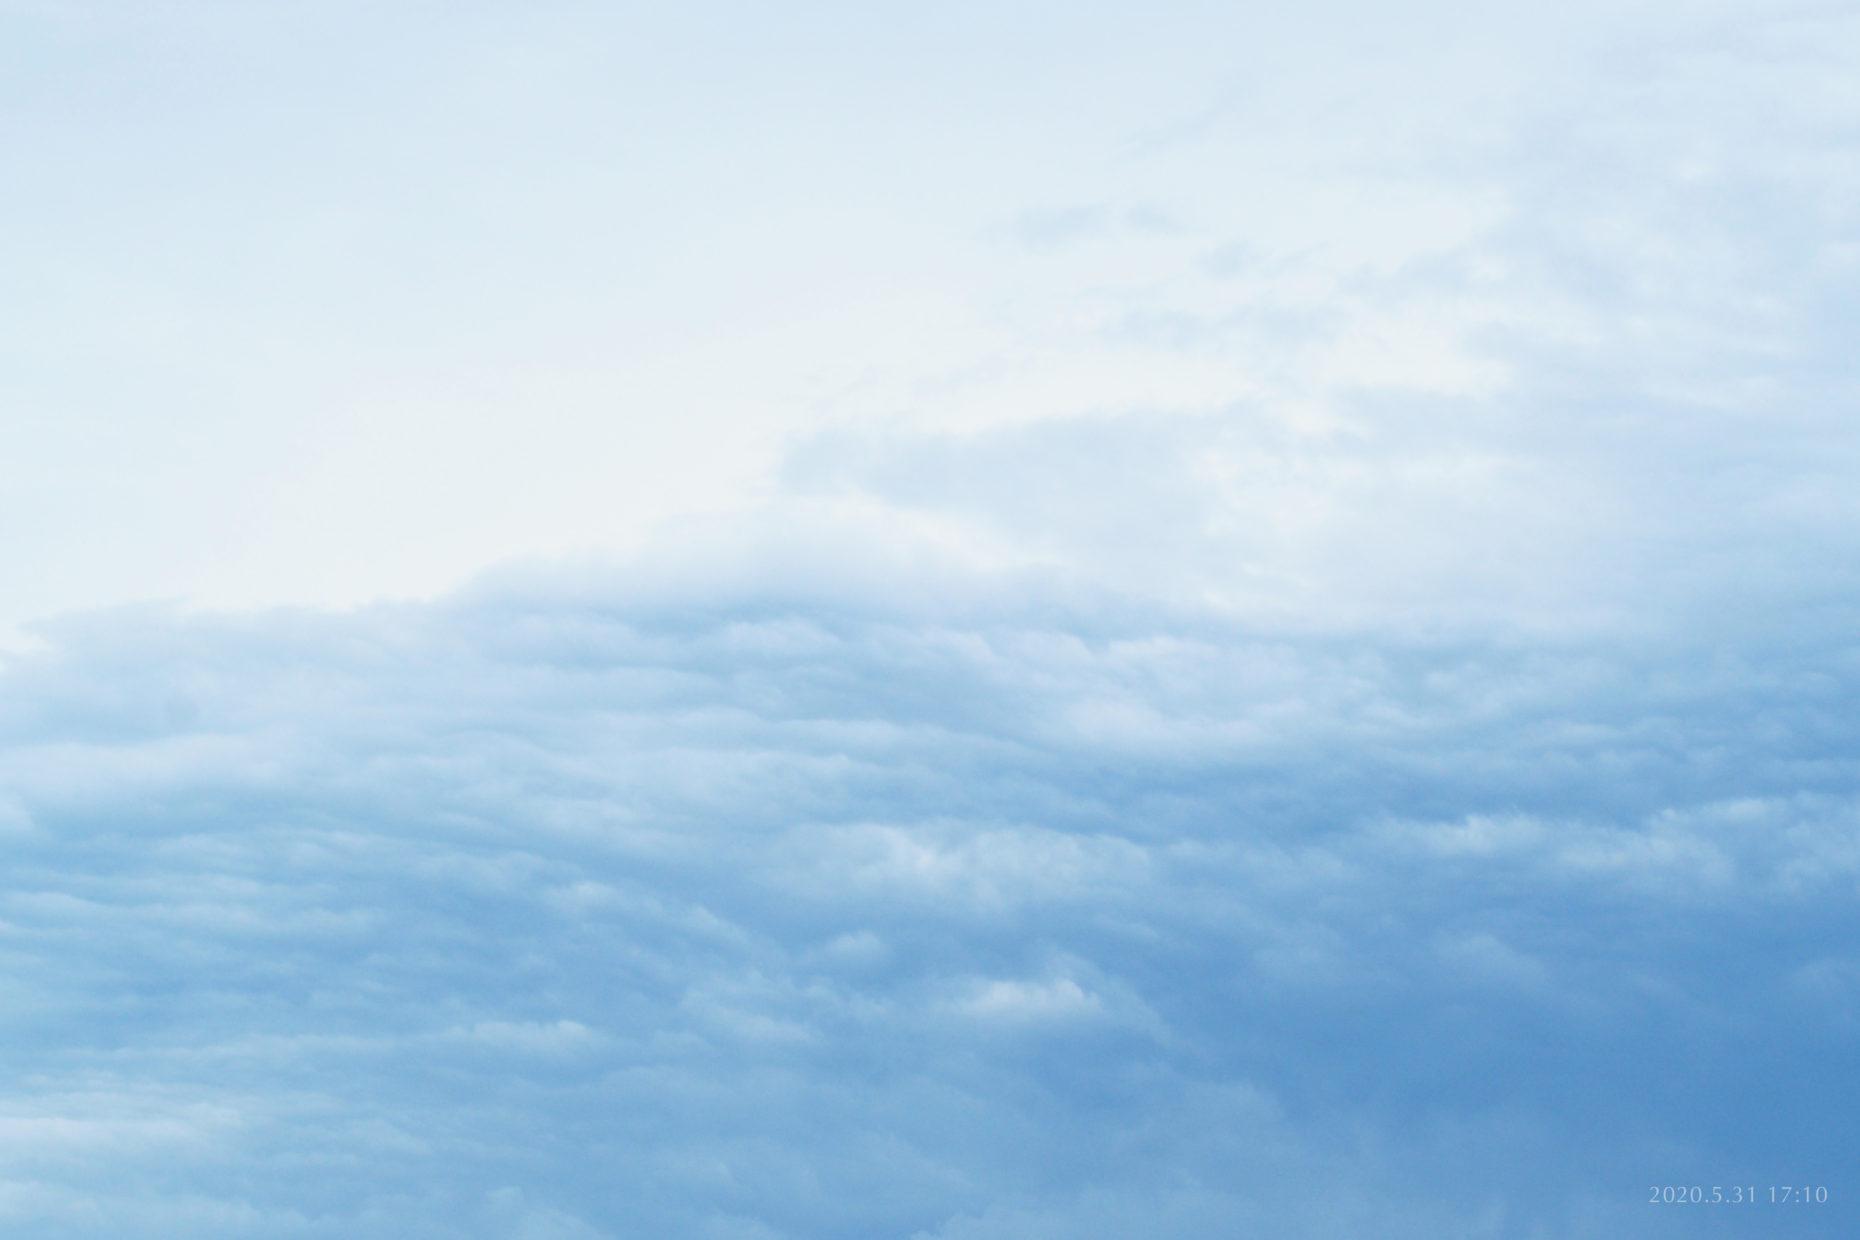 My skies 2020.5.31